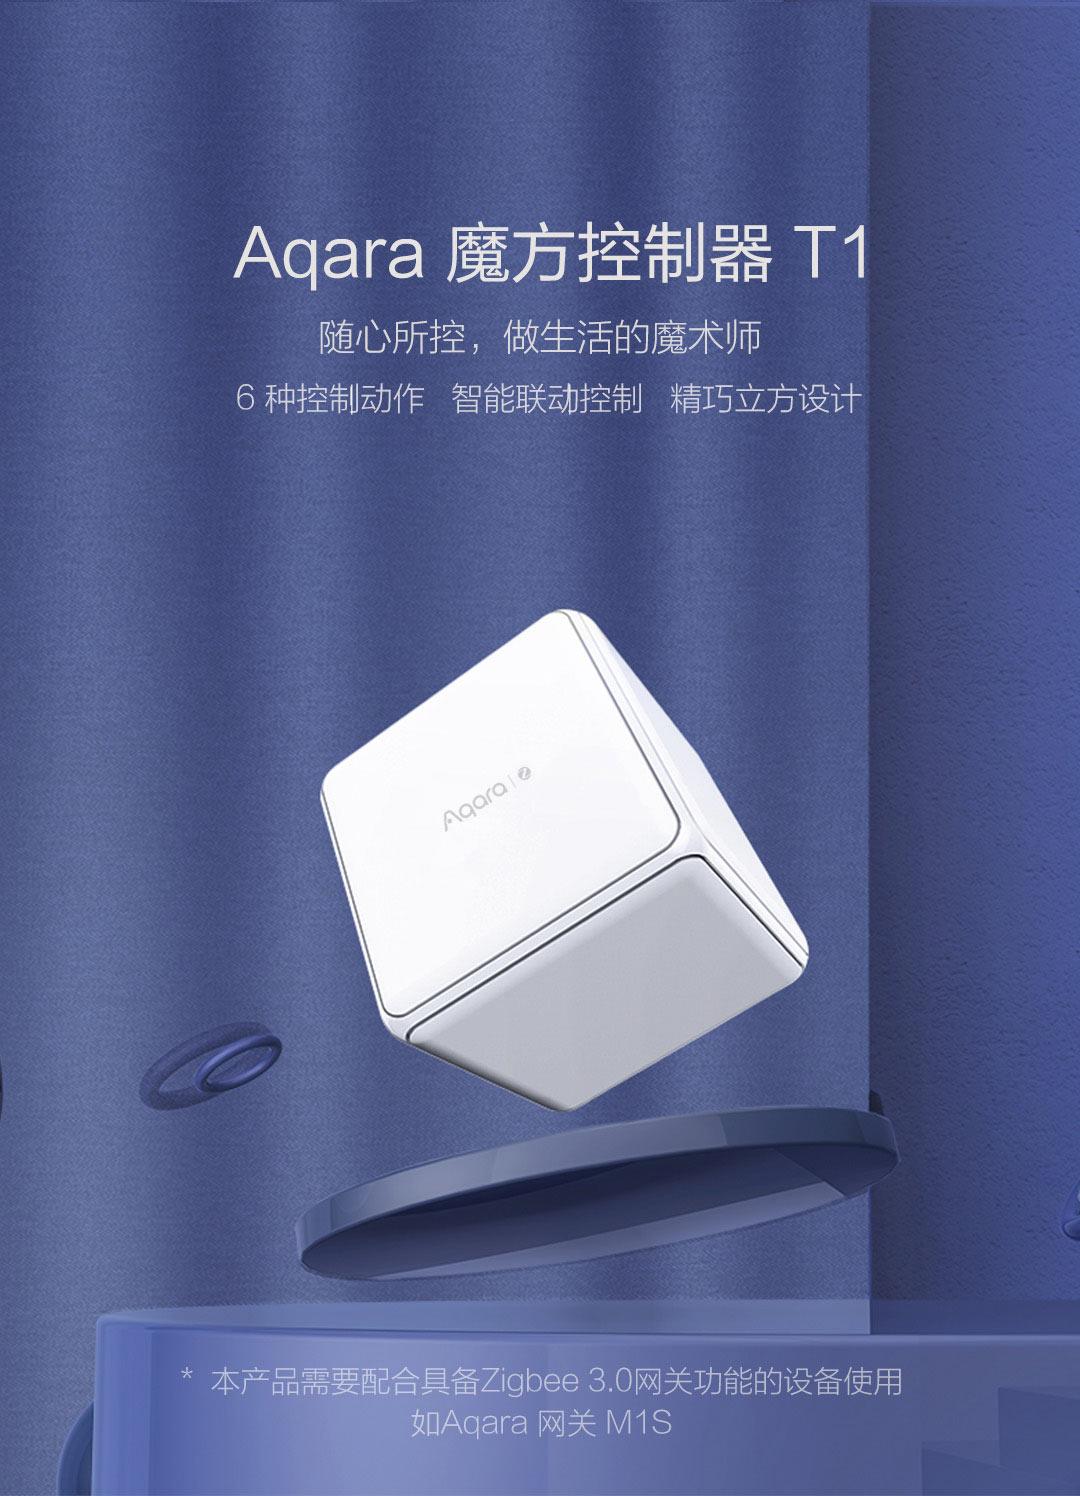 Aqara 魔方控制器 T1